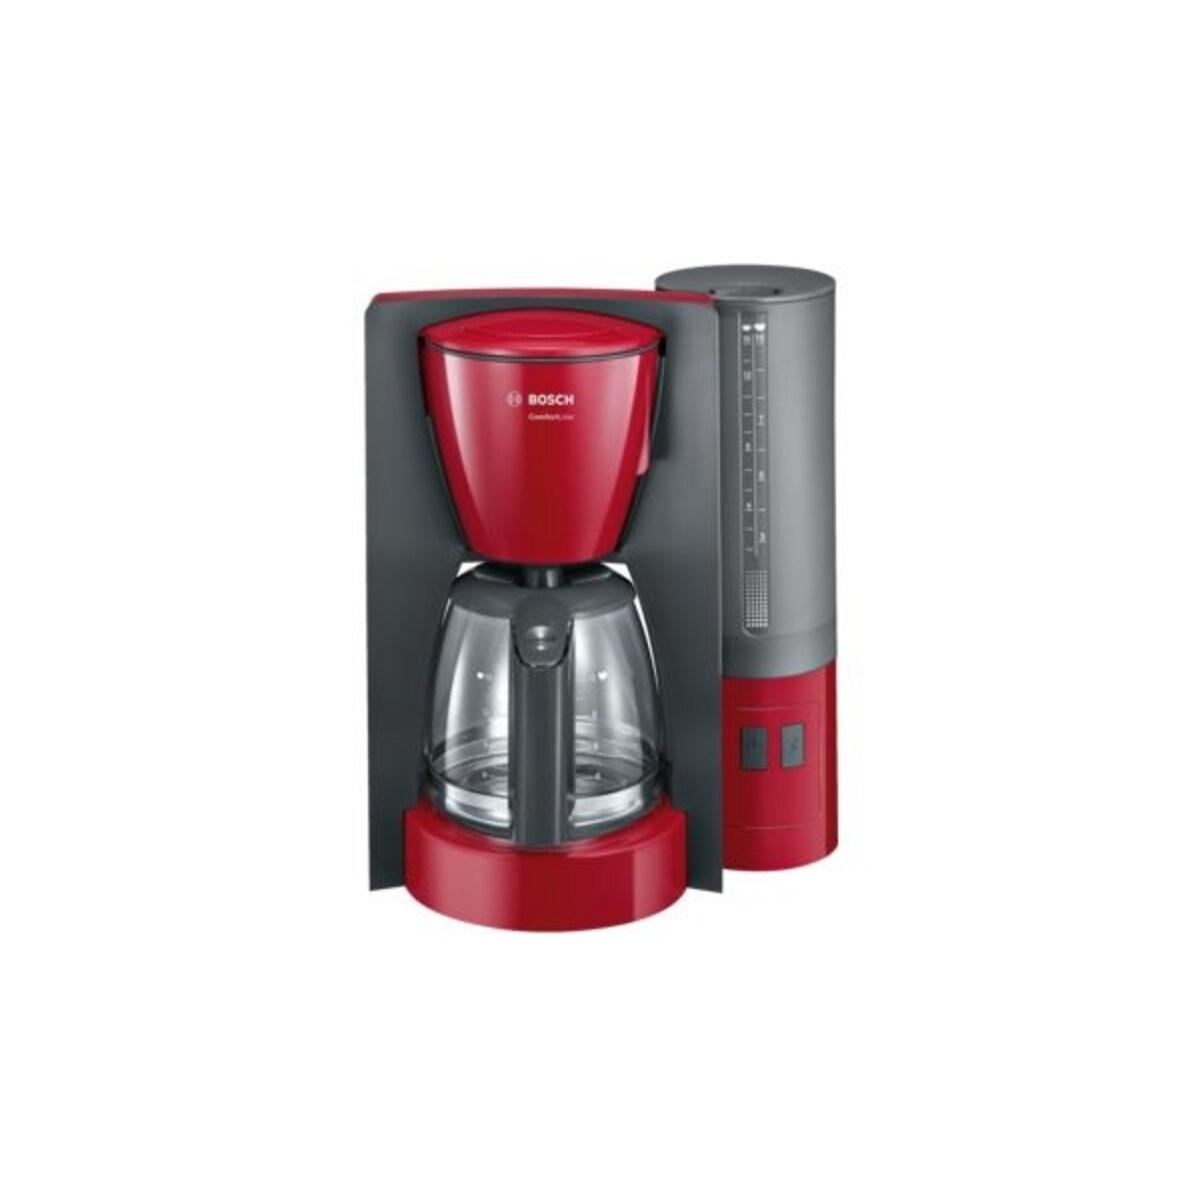 Bosch филтърна кафемашина  ComfortLine червена ТКА6А044